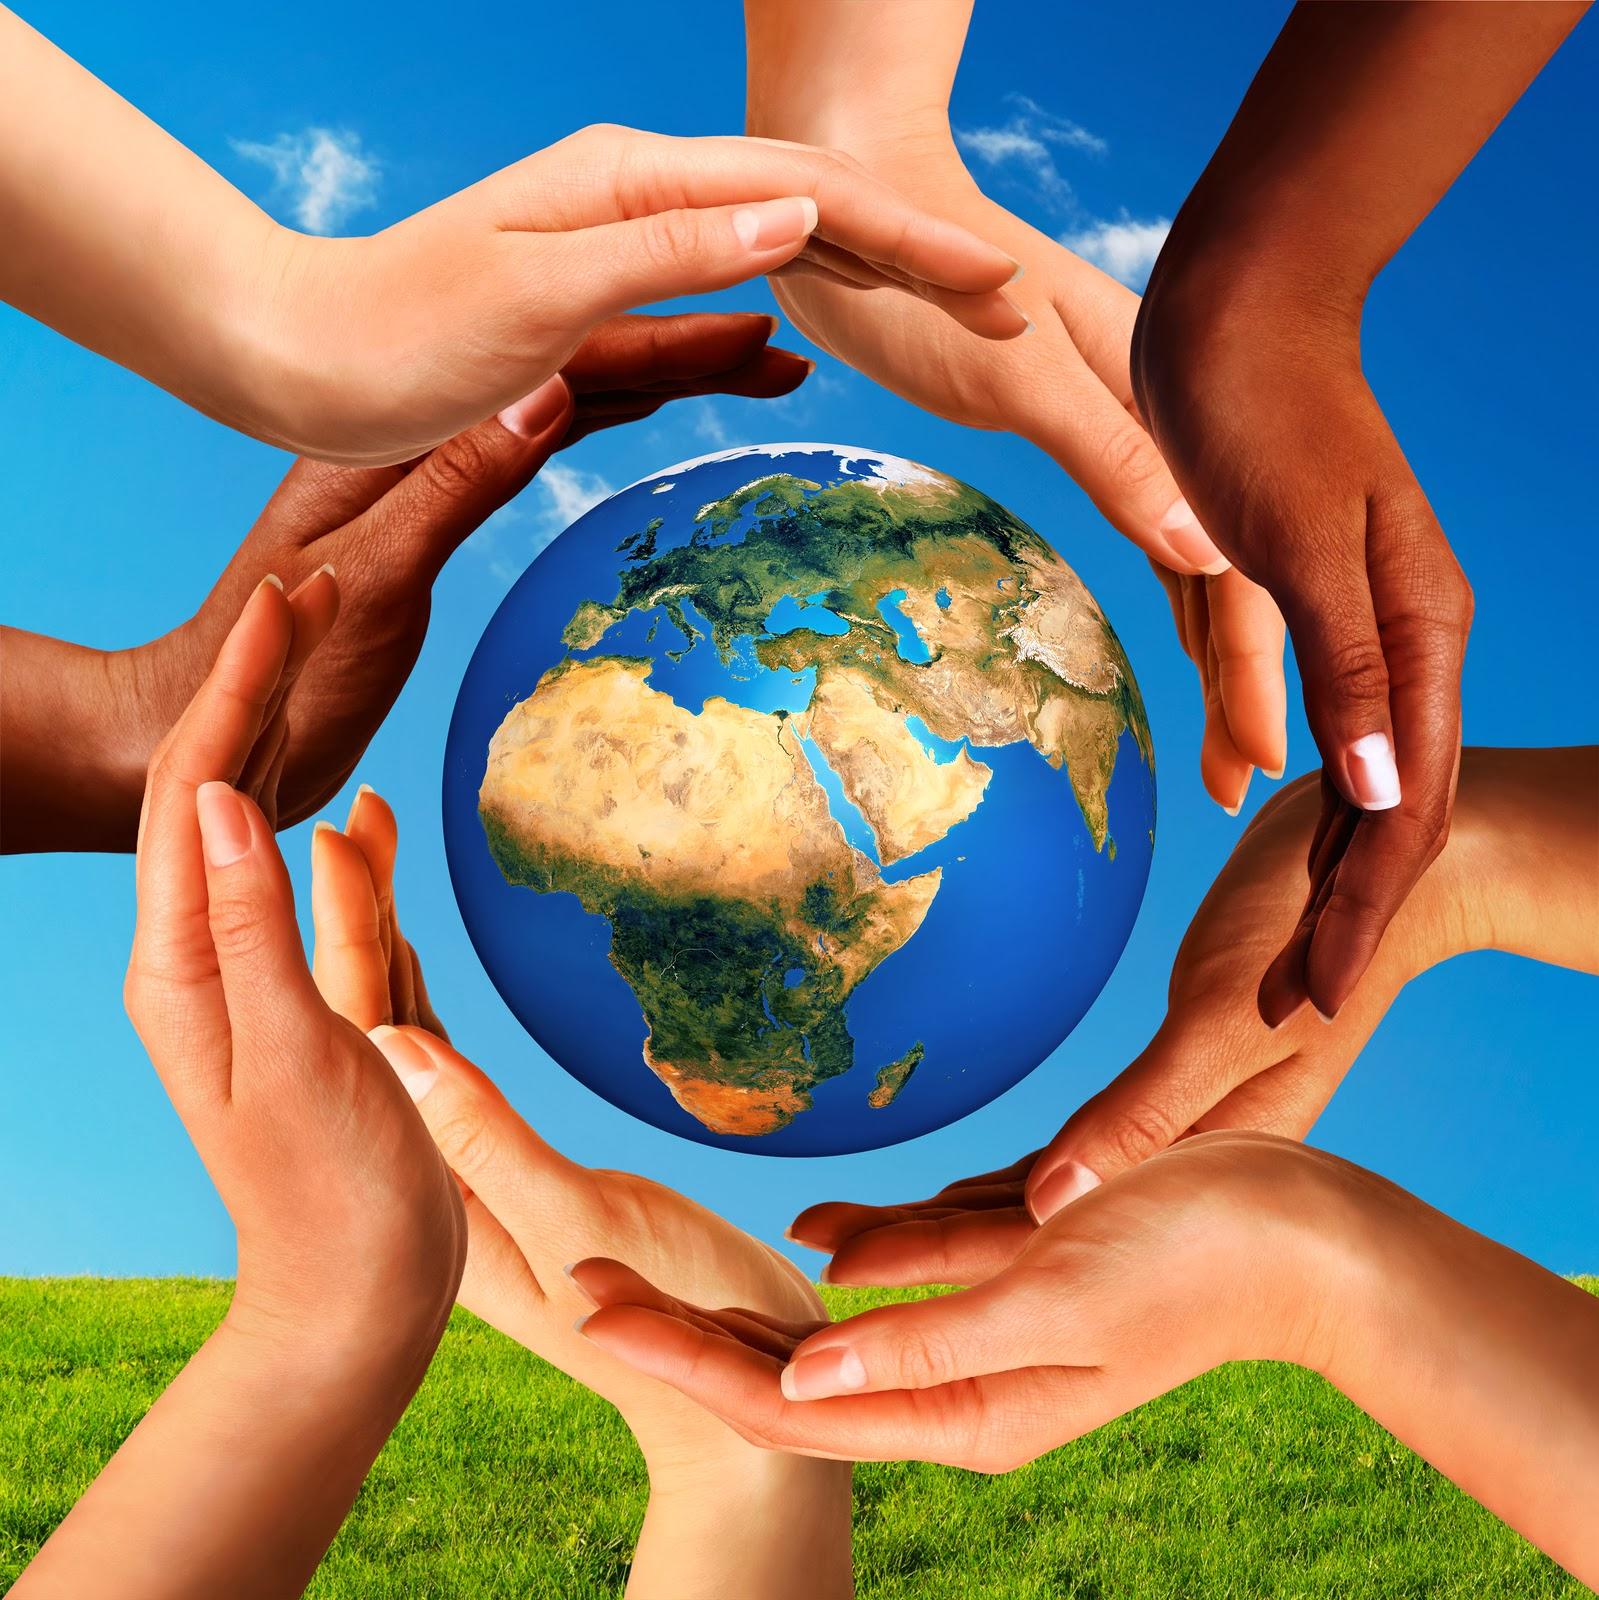 happy-world-peace-day